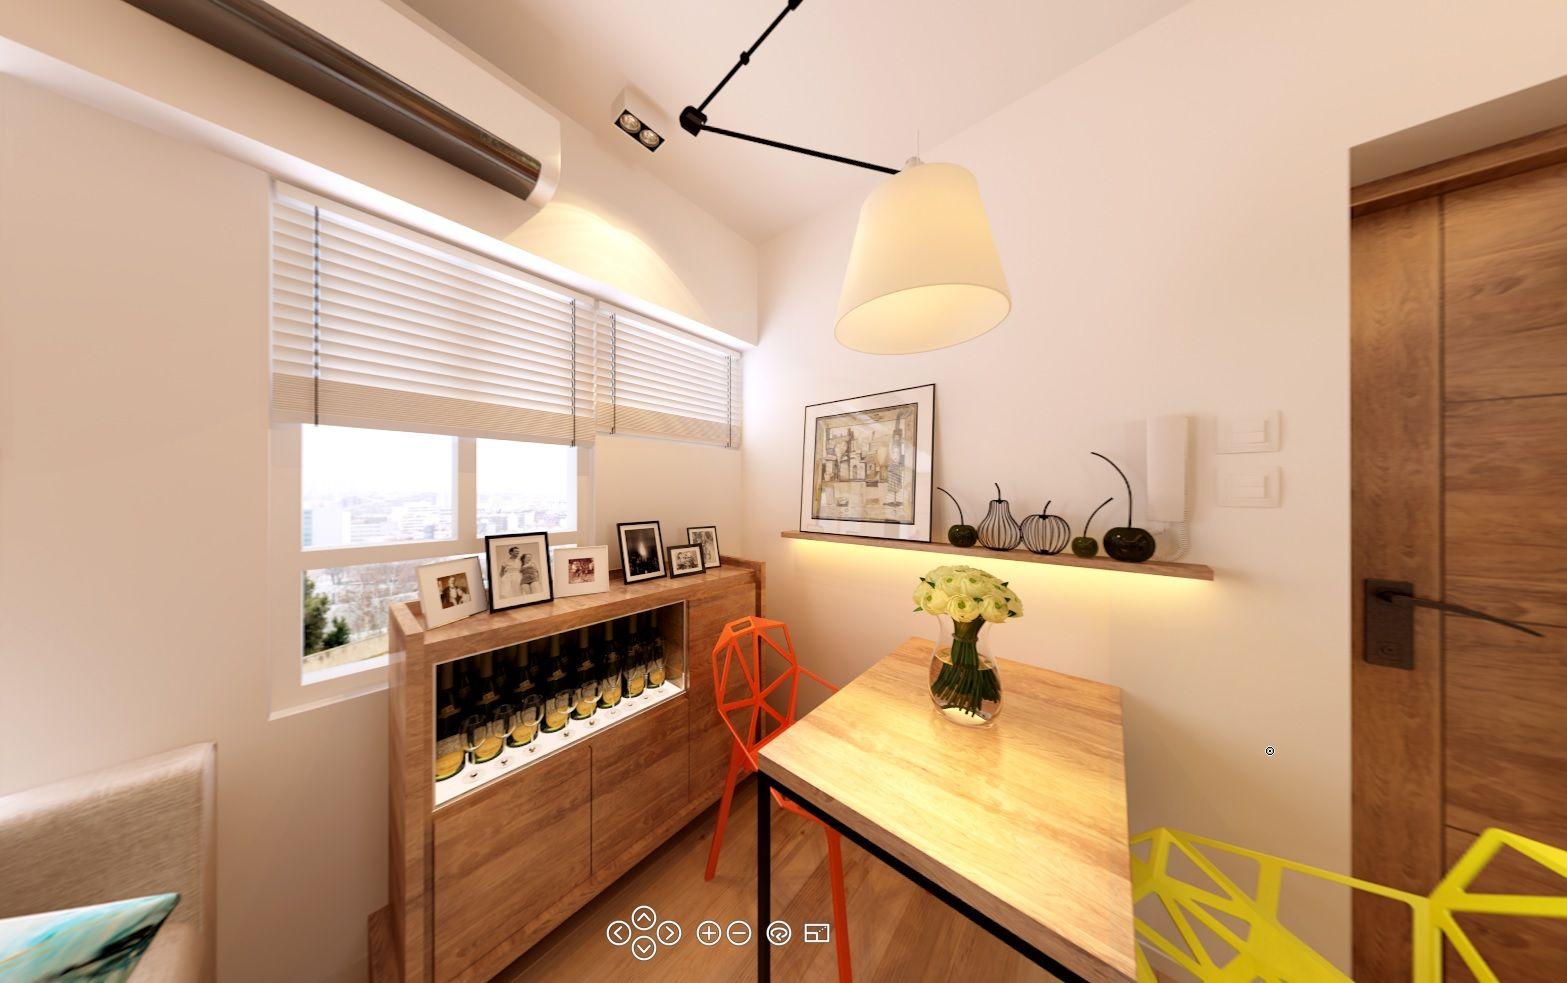 Home interior design hong kong project wunsha court of hong kong  rendering  master bedroom